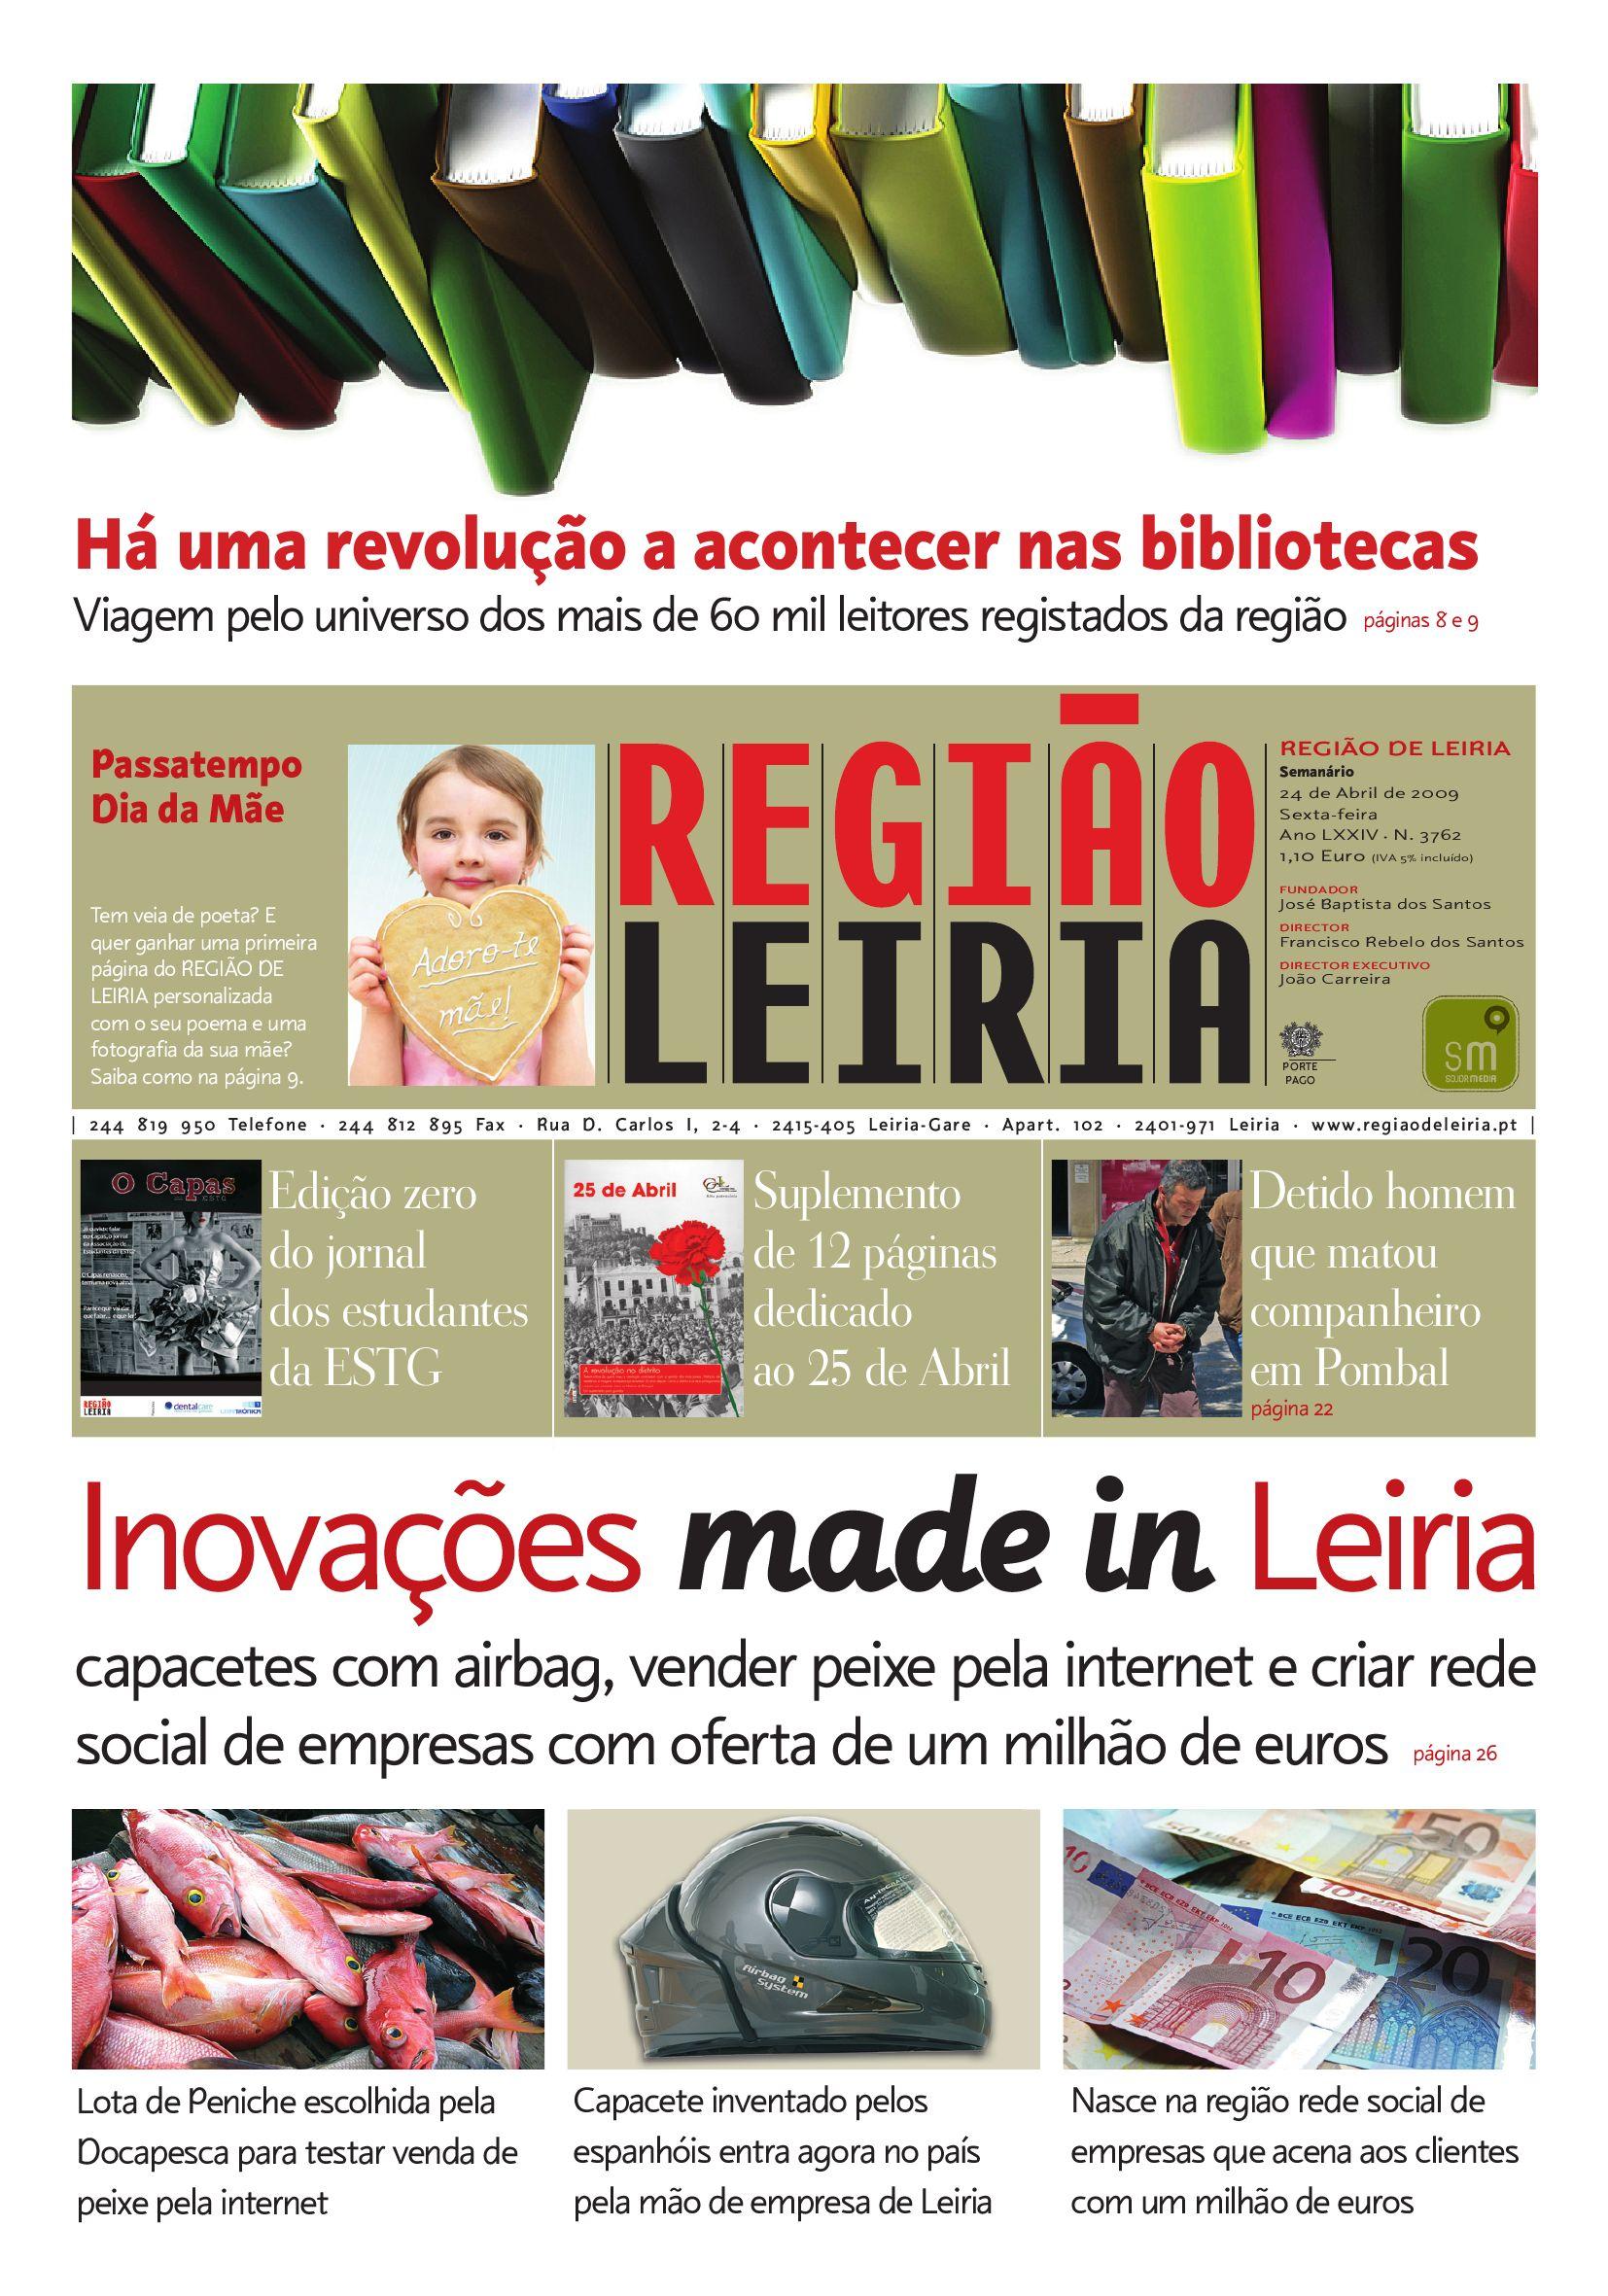 Edição 3762 24 Abril 2009 by Região de Leiria Jornal - issuu 744370156a